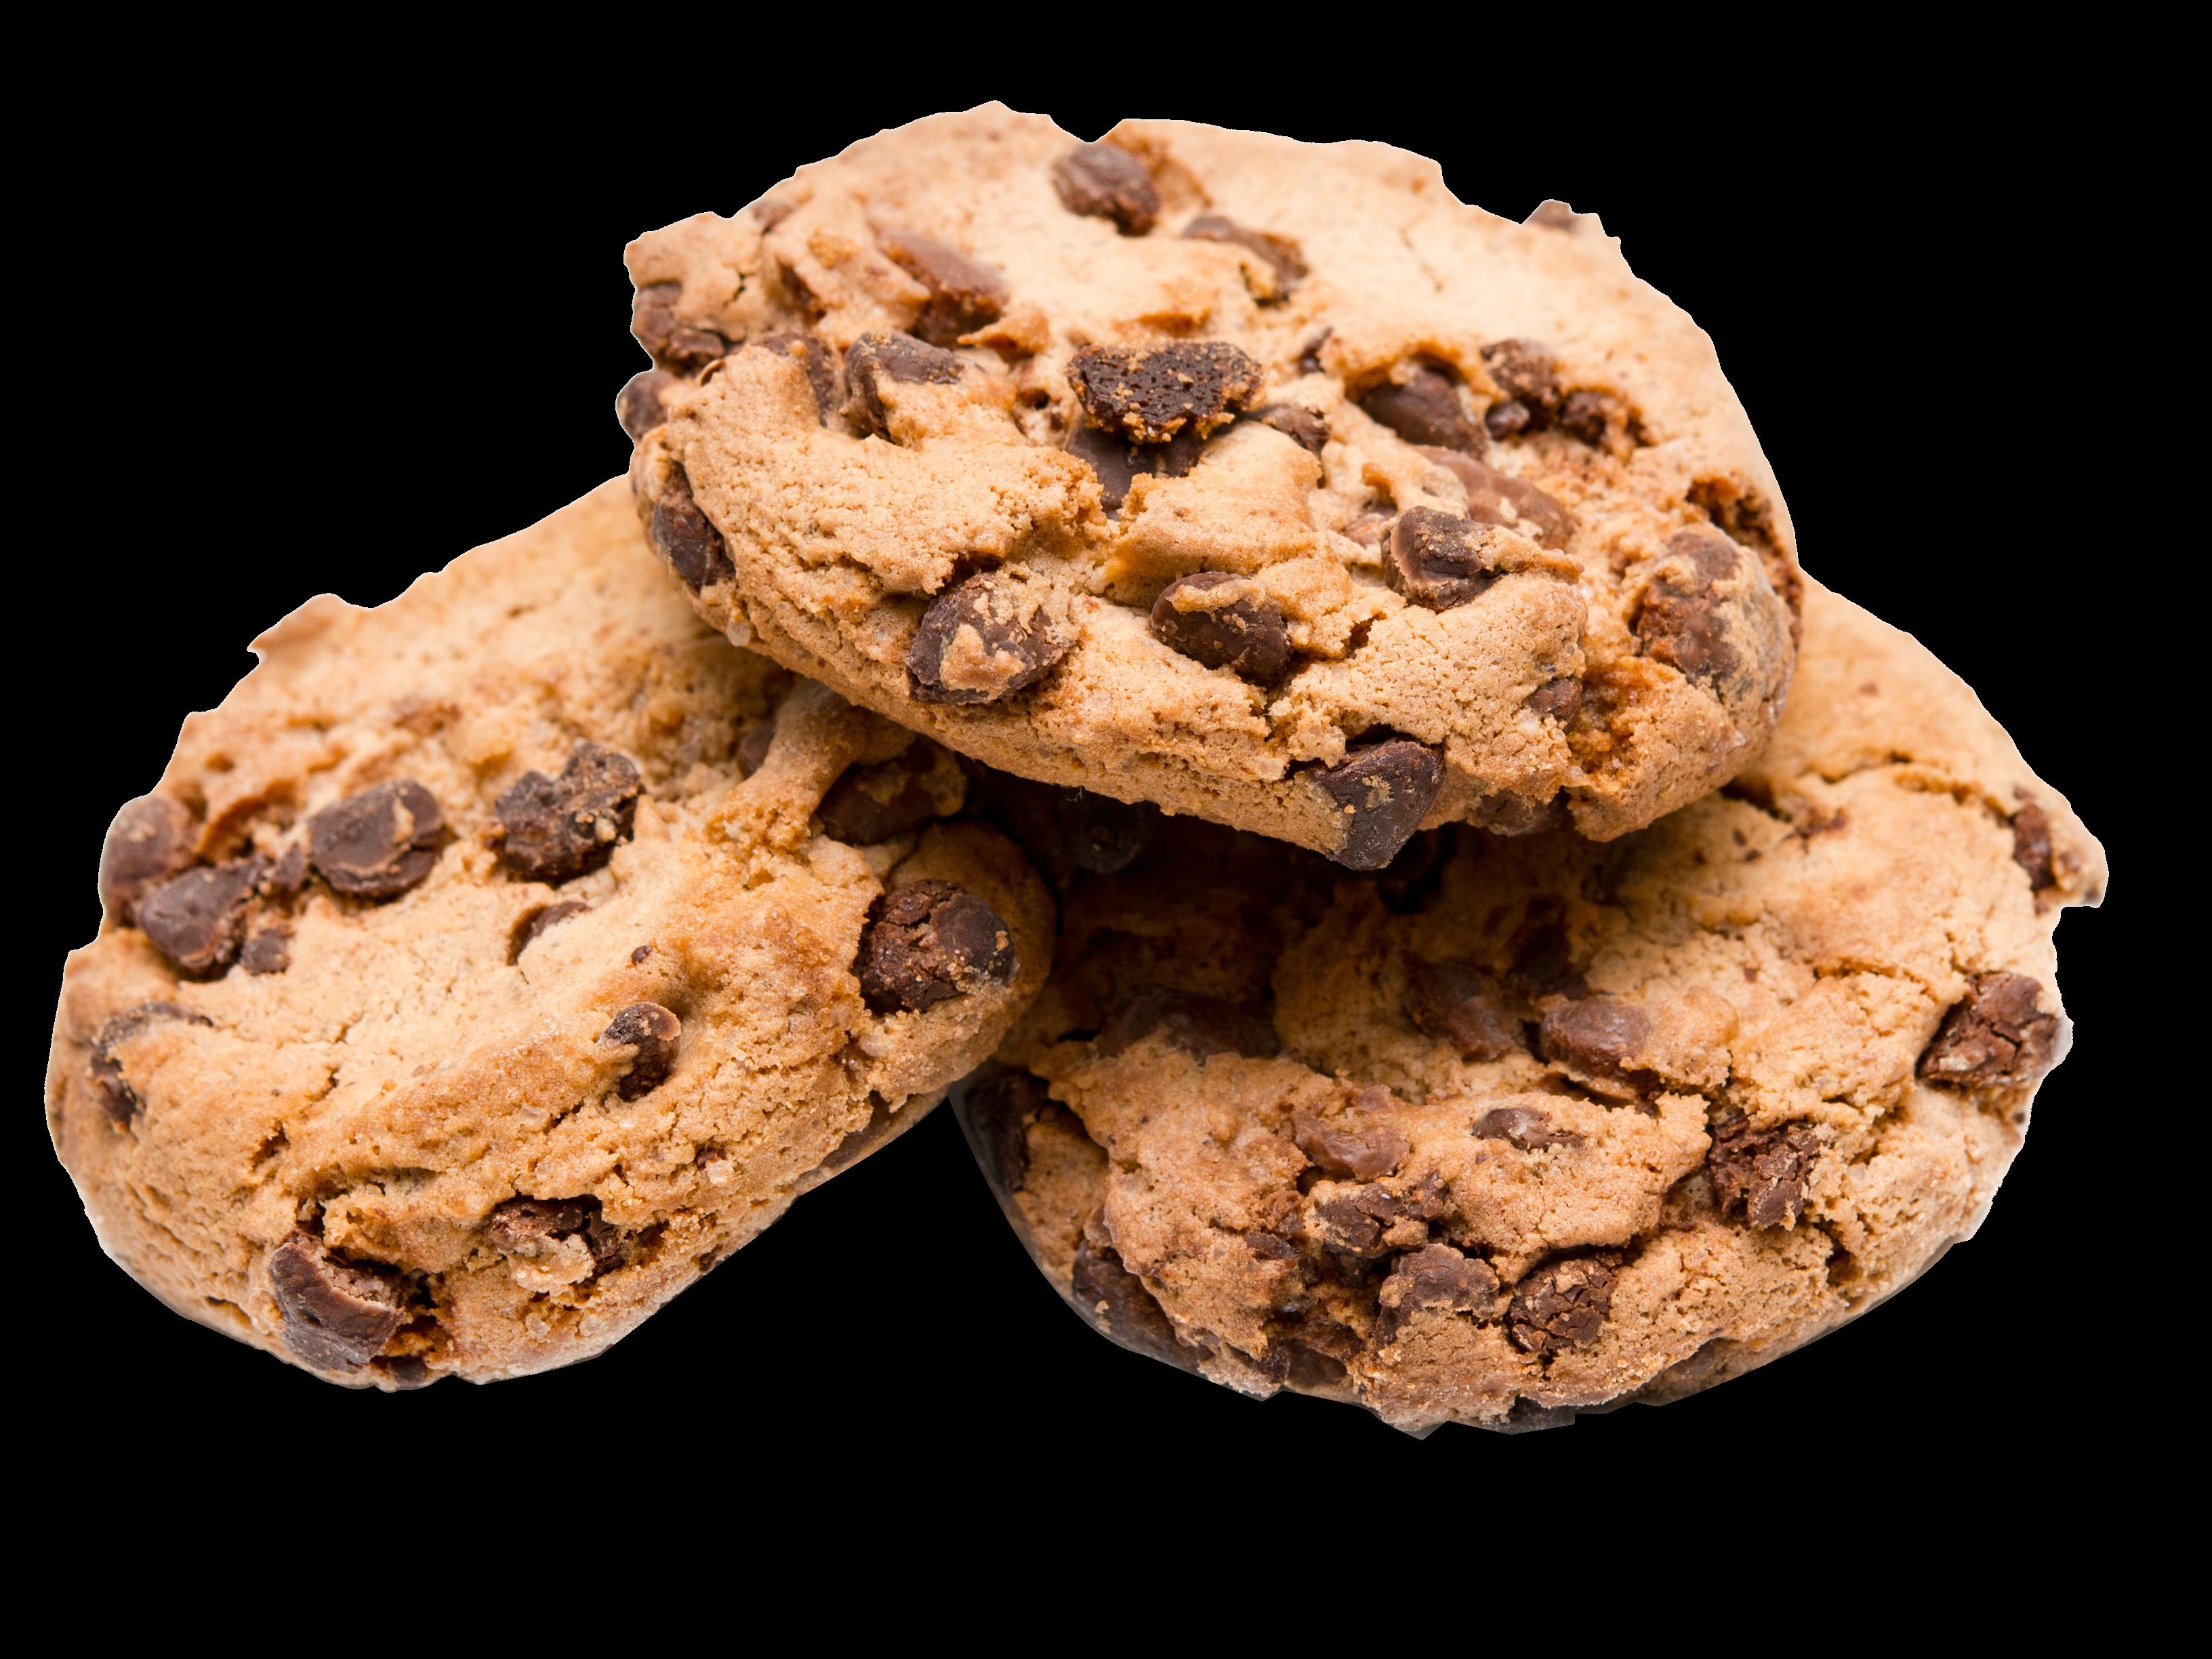 Gotas De Chocolate Derretidas Realistas Chocolate Realista Gotas De Chocolate Imagem Png E Vetor Para Download Gratuito Chocolate Chip Cookies Cookie Clipart Cookie Snack